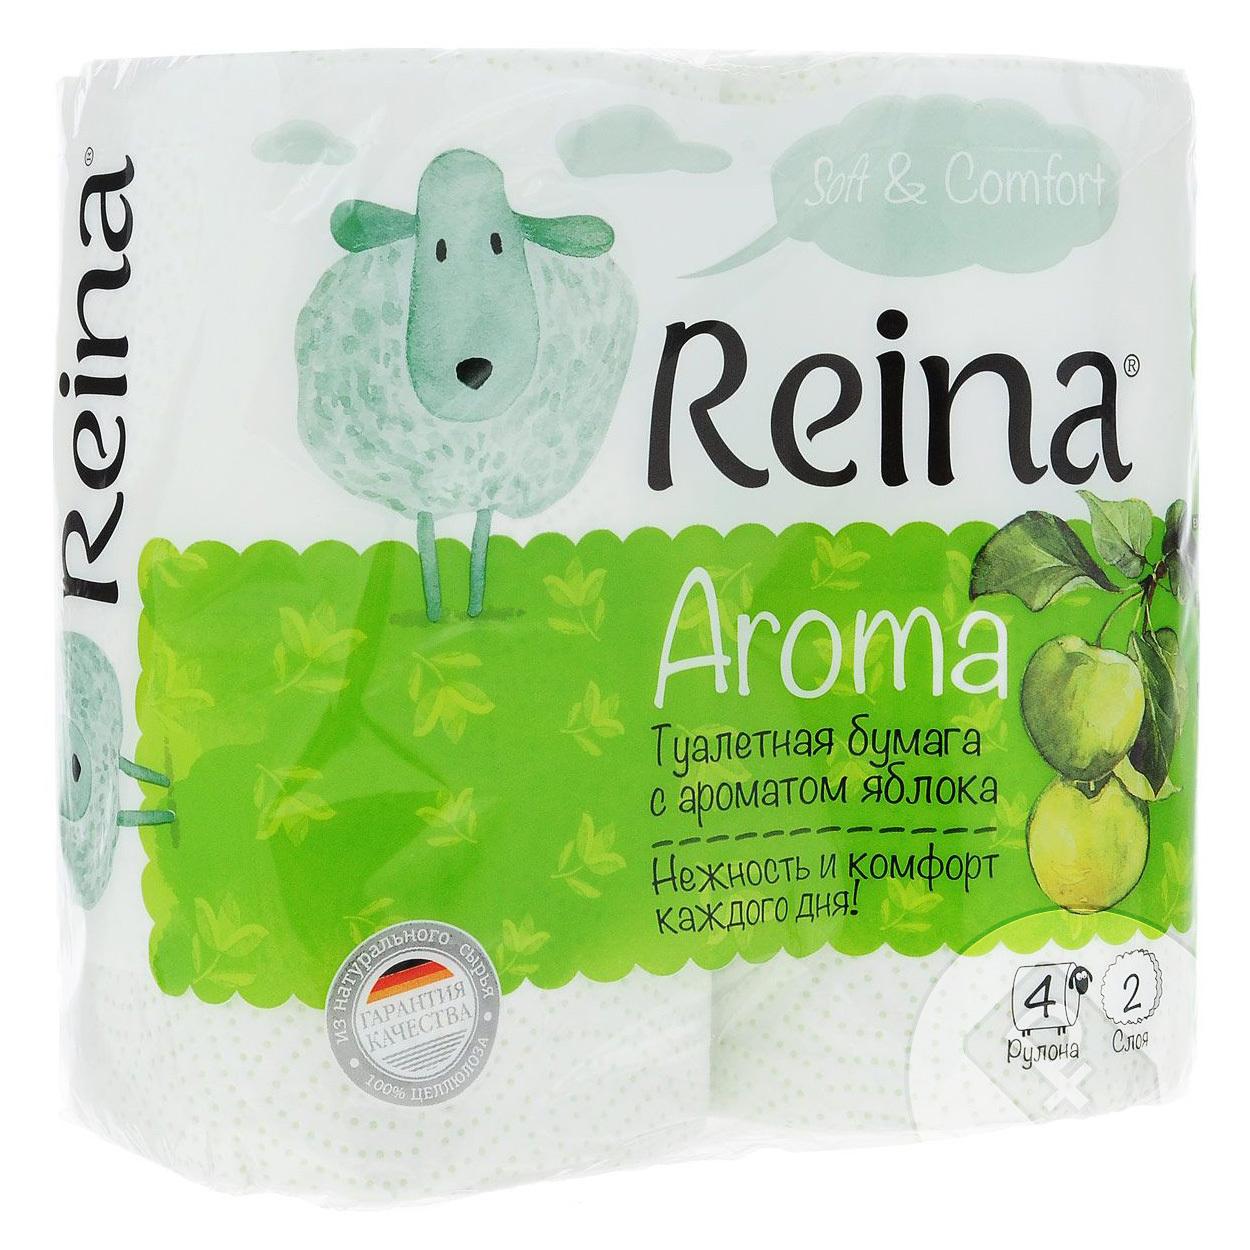 Туалетная бумага Reina Aroma Яблоко 2 слоя 4 рулона